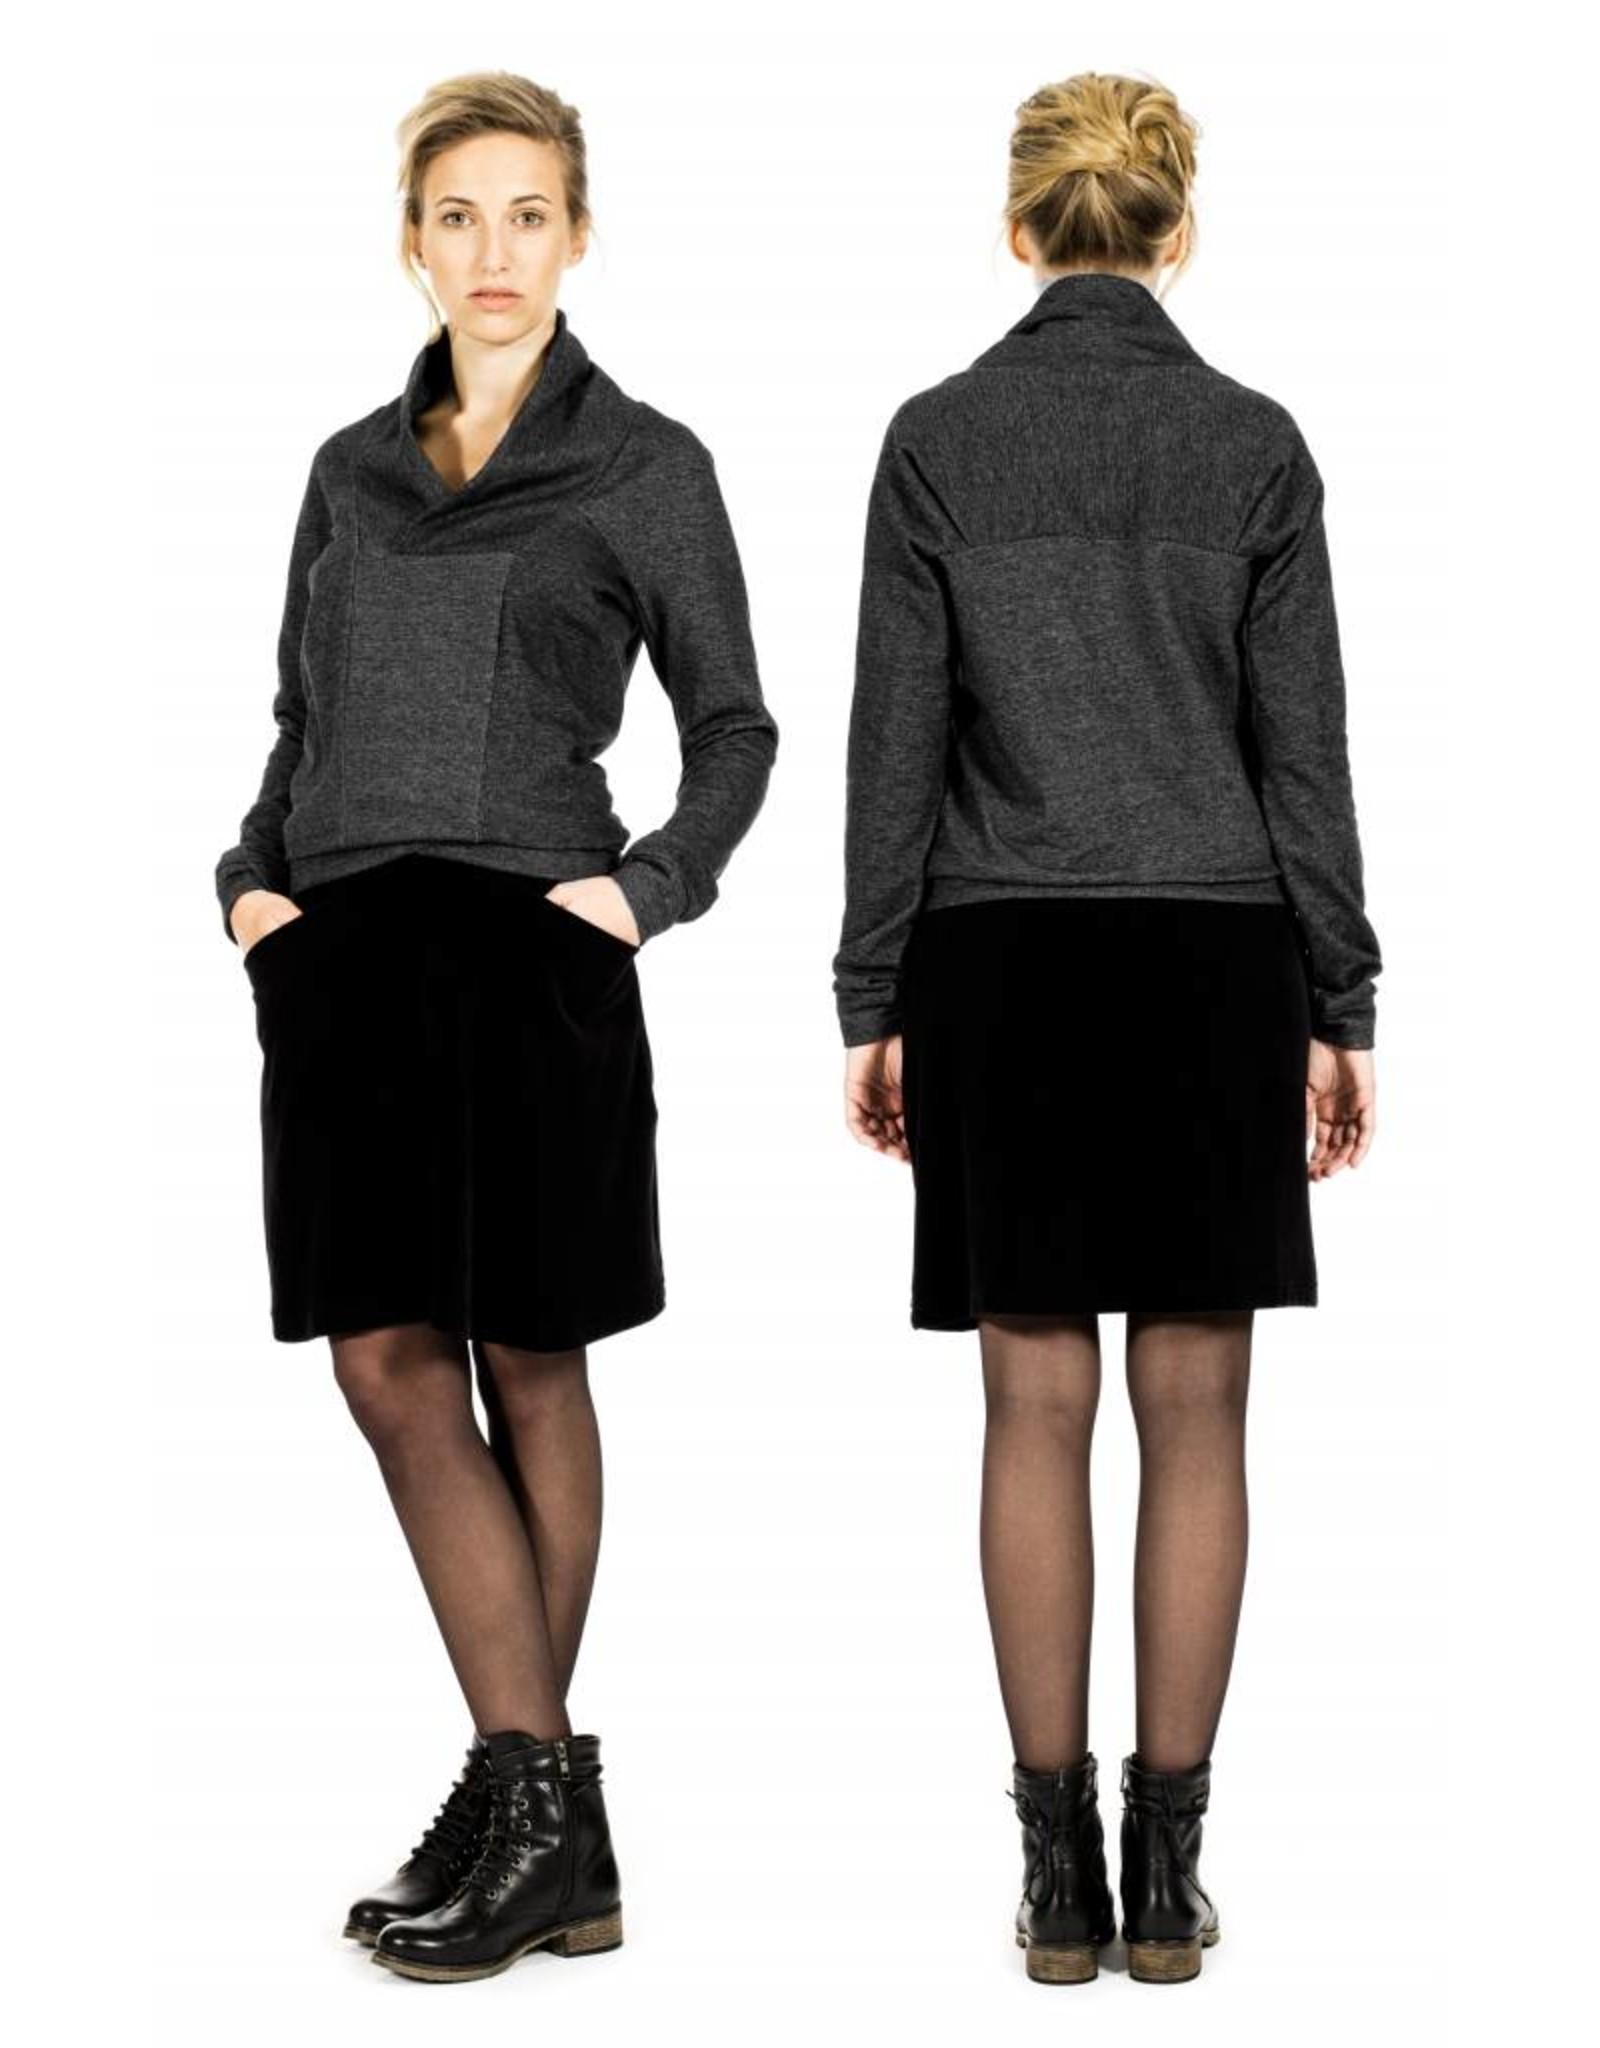 format JADE short skirt, nicki